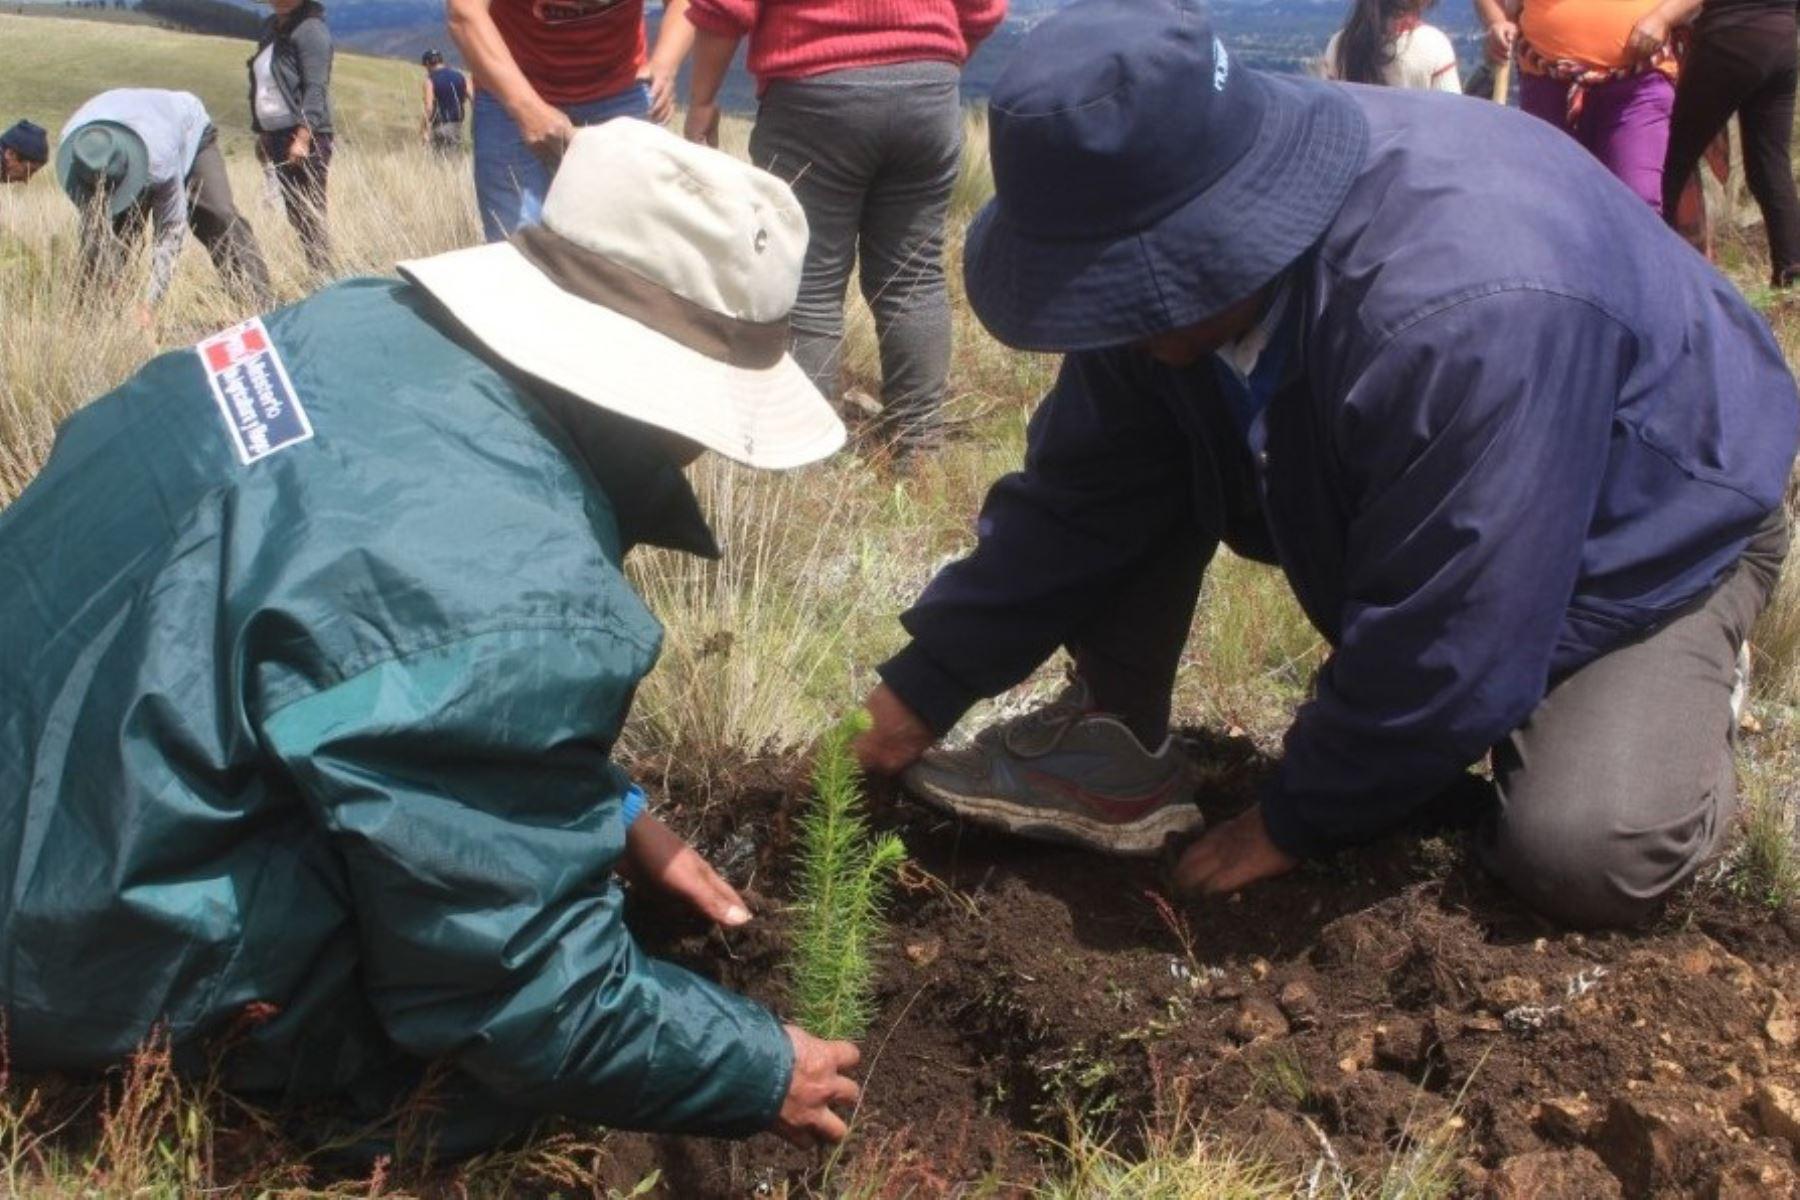 Agro Rural promueve la reforestación de tierras degradadas en el caserío de Oriente Huaychaca, en la provincia liberteña de Julcán. Foto: ANDINA/Difusión